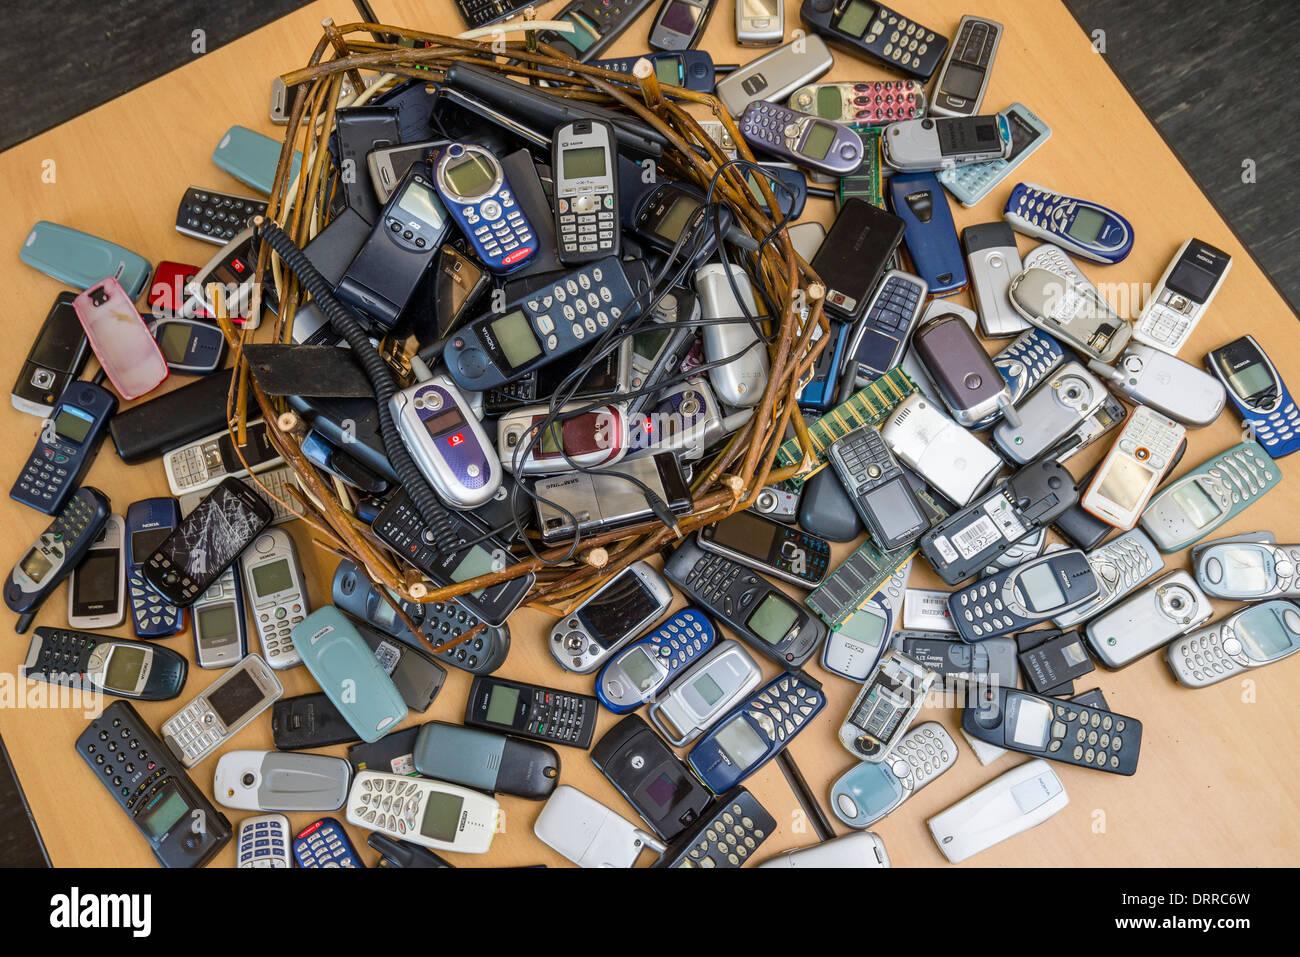 Les téléphones cellulaires sont jetés sur une table. Photo Stock